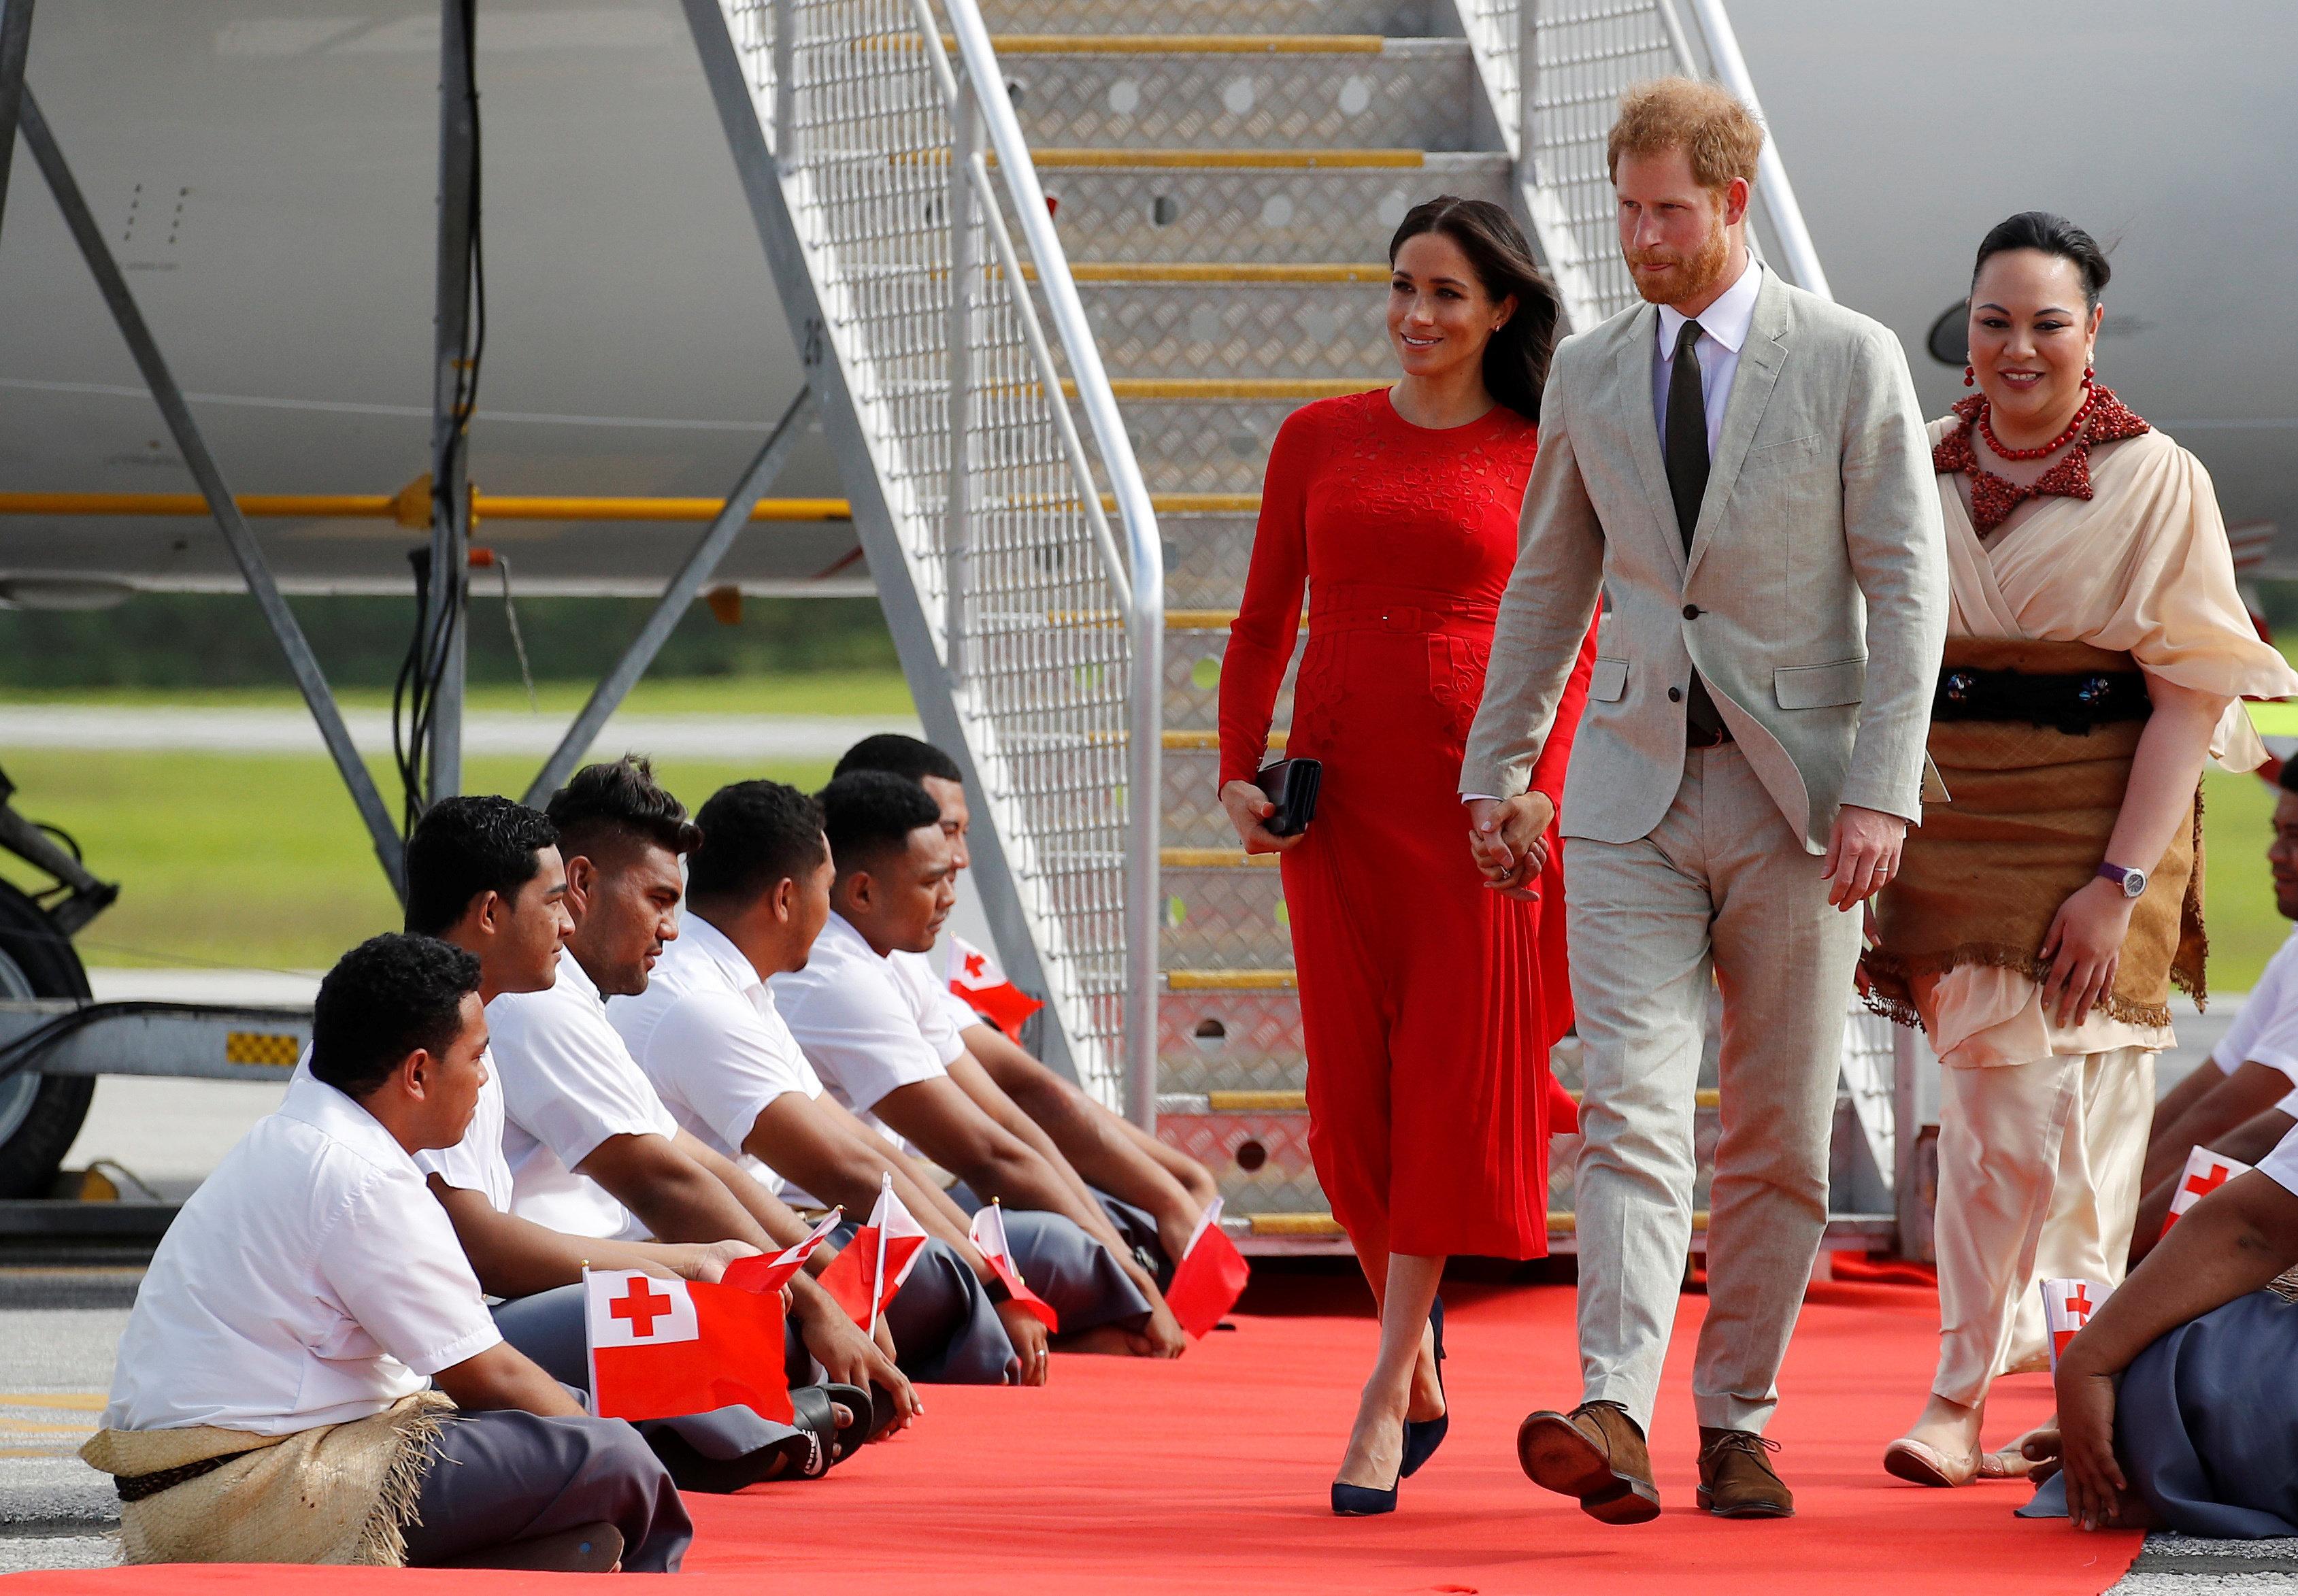 Herzogin Meghan steigt aus dem Flugzeug und bemerkt peinliches Detail am Kleid nicht